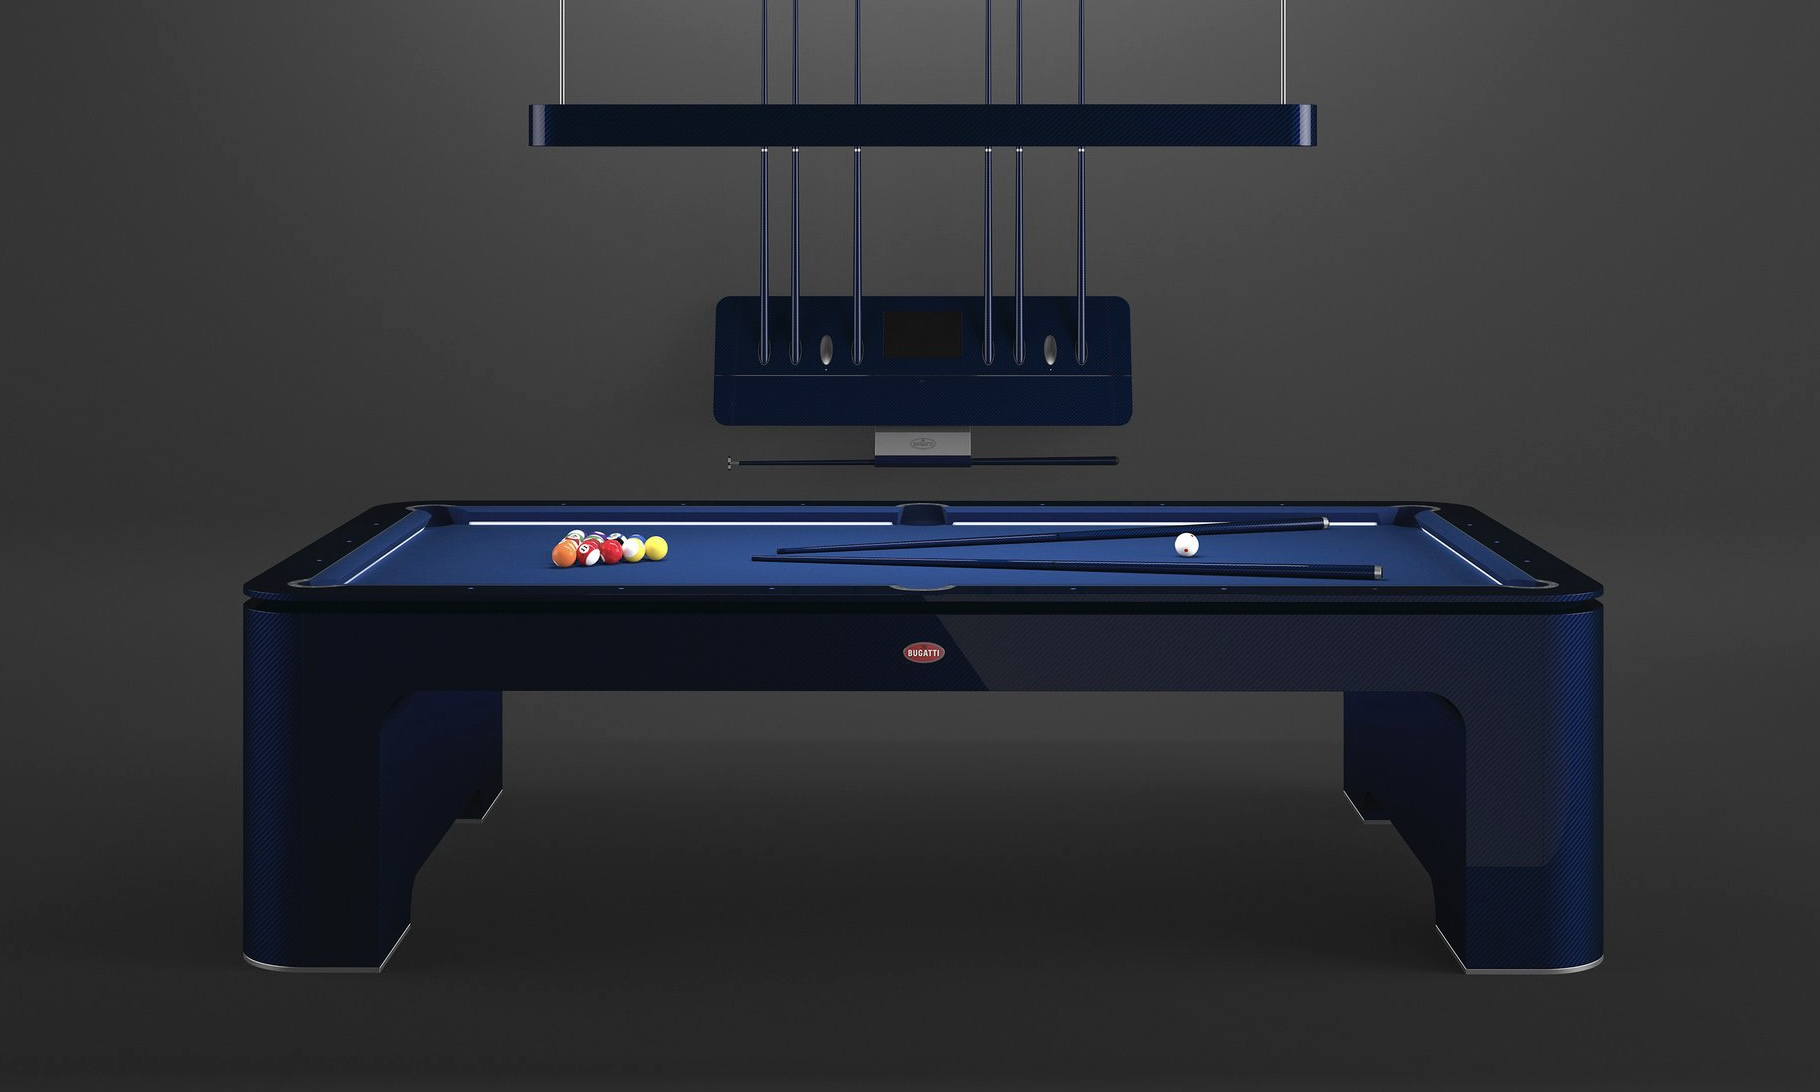 布加迪发布售价 30 万美元的台球桌